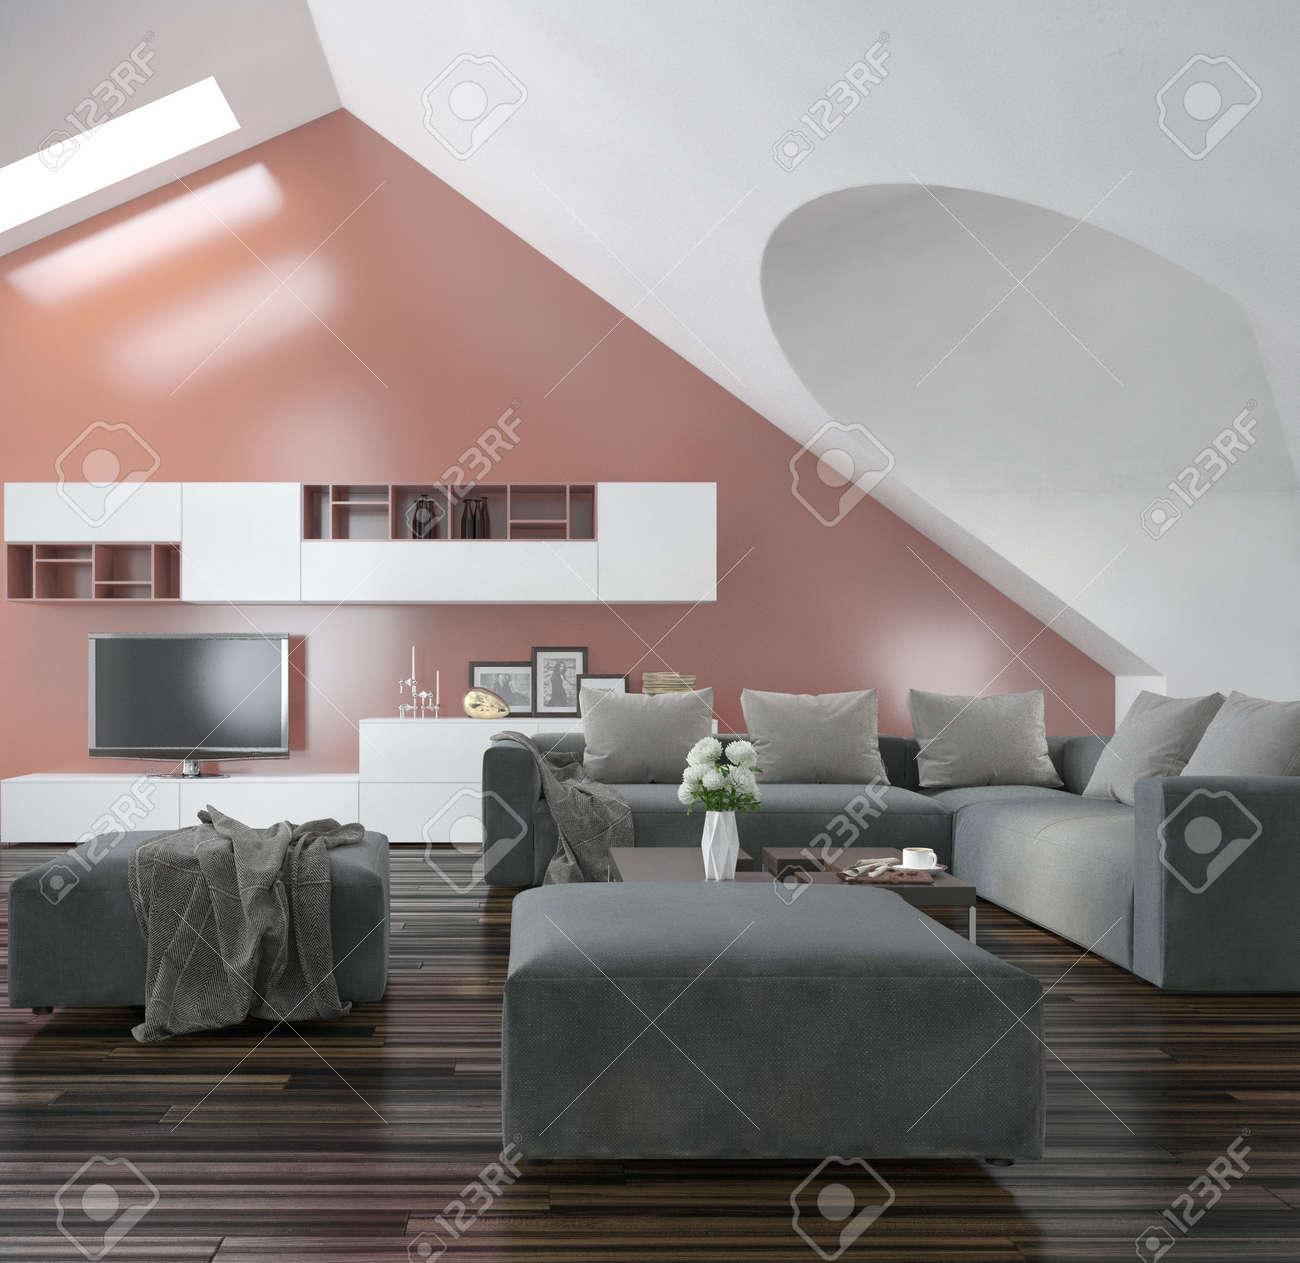 Moderne Wohnzimmer Mit Schrägen Scheitel Wände Und Decke Mit ...